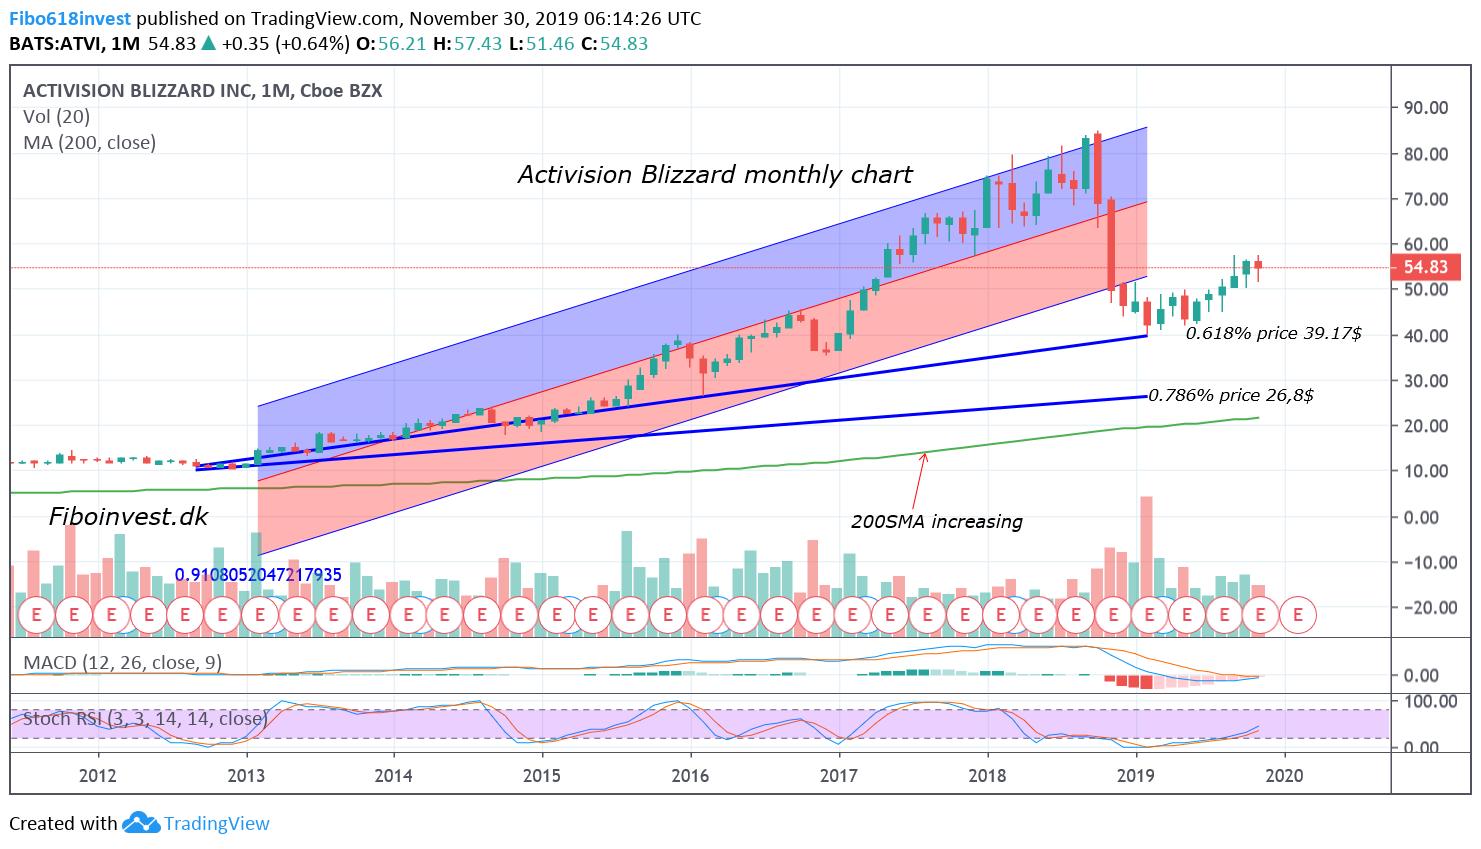 Ta af Activision blizzard mdr chart 30-11-19